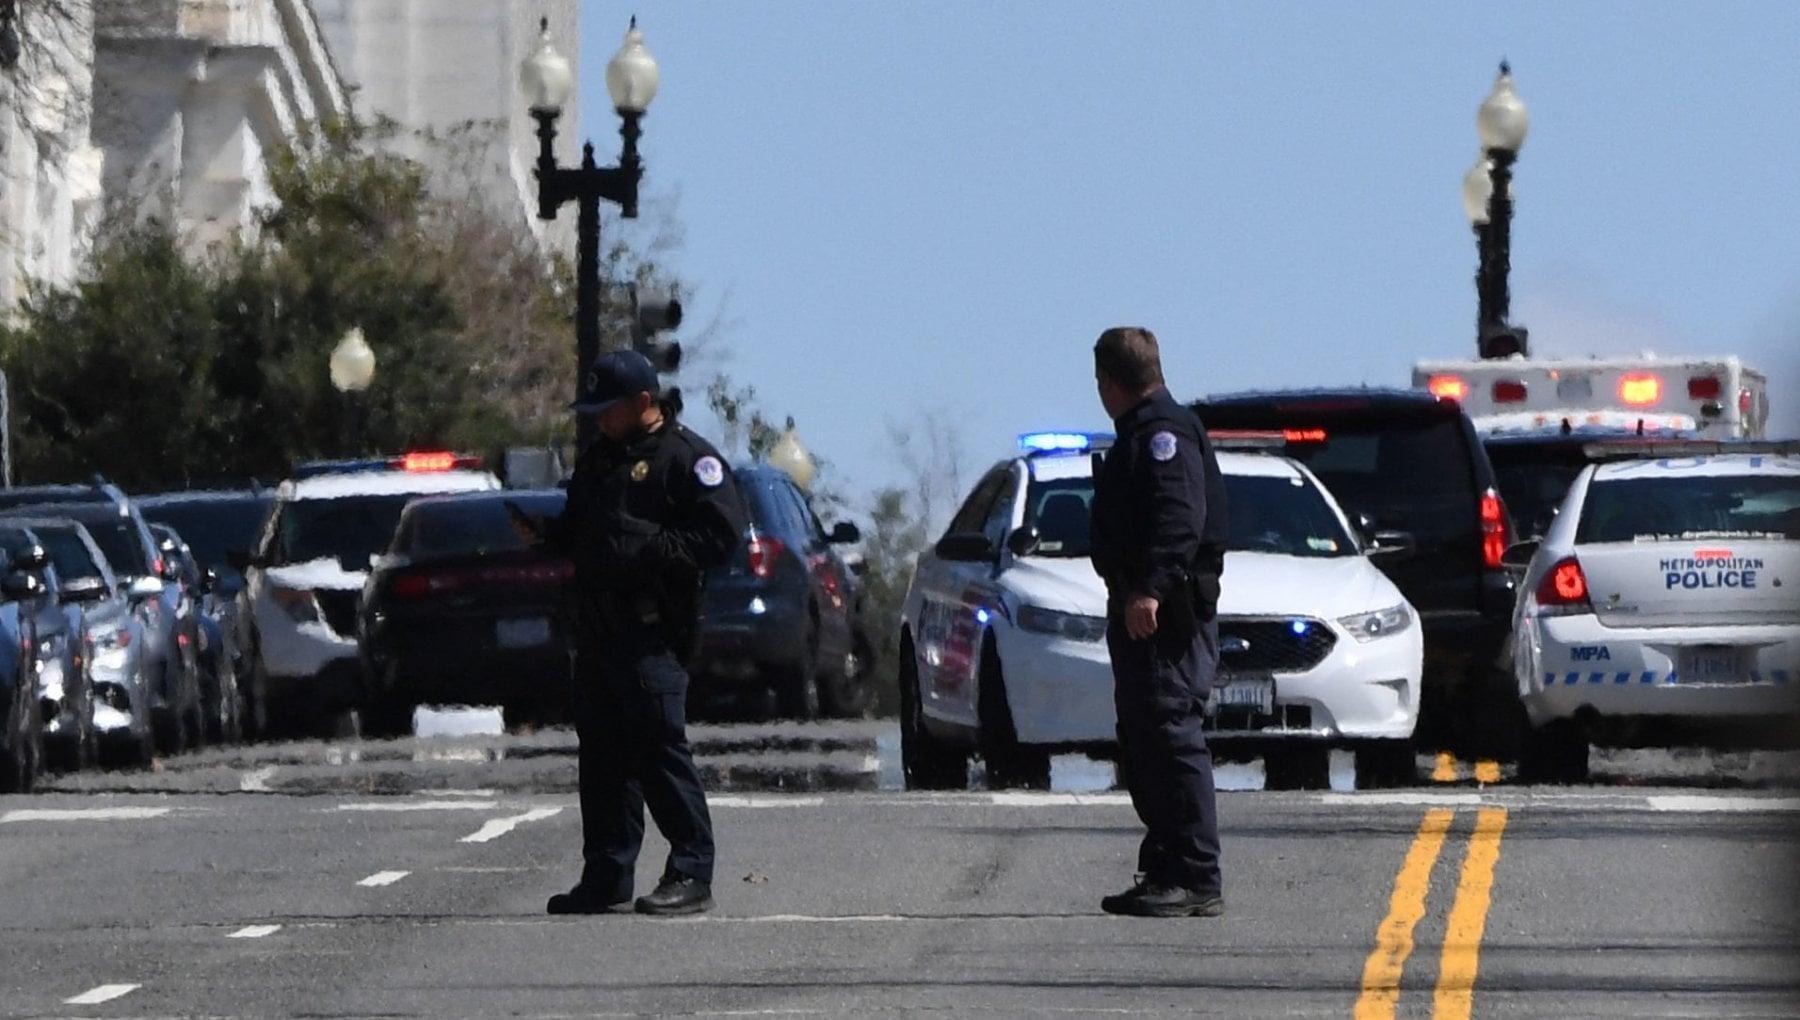 195211757 47cdcbf3 05bc 4062 83bc dfd4a18f099f - Washington, auto travolge due agenti vicino al Congresso. Morto un poliziotto e il conducente Noah Green